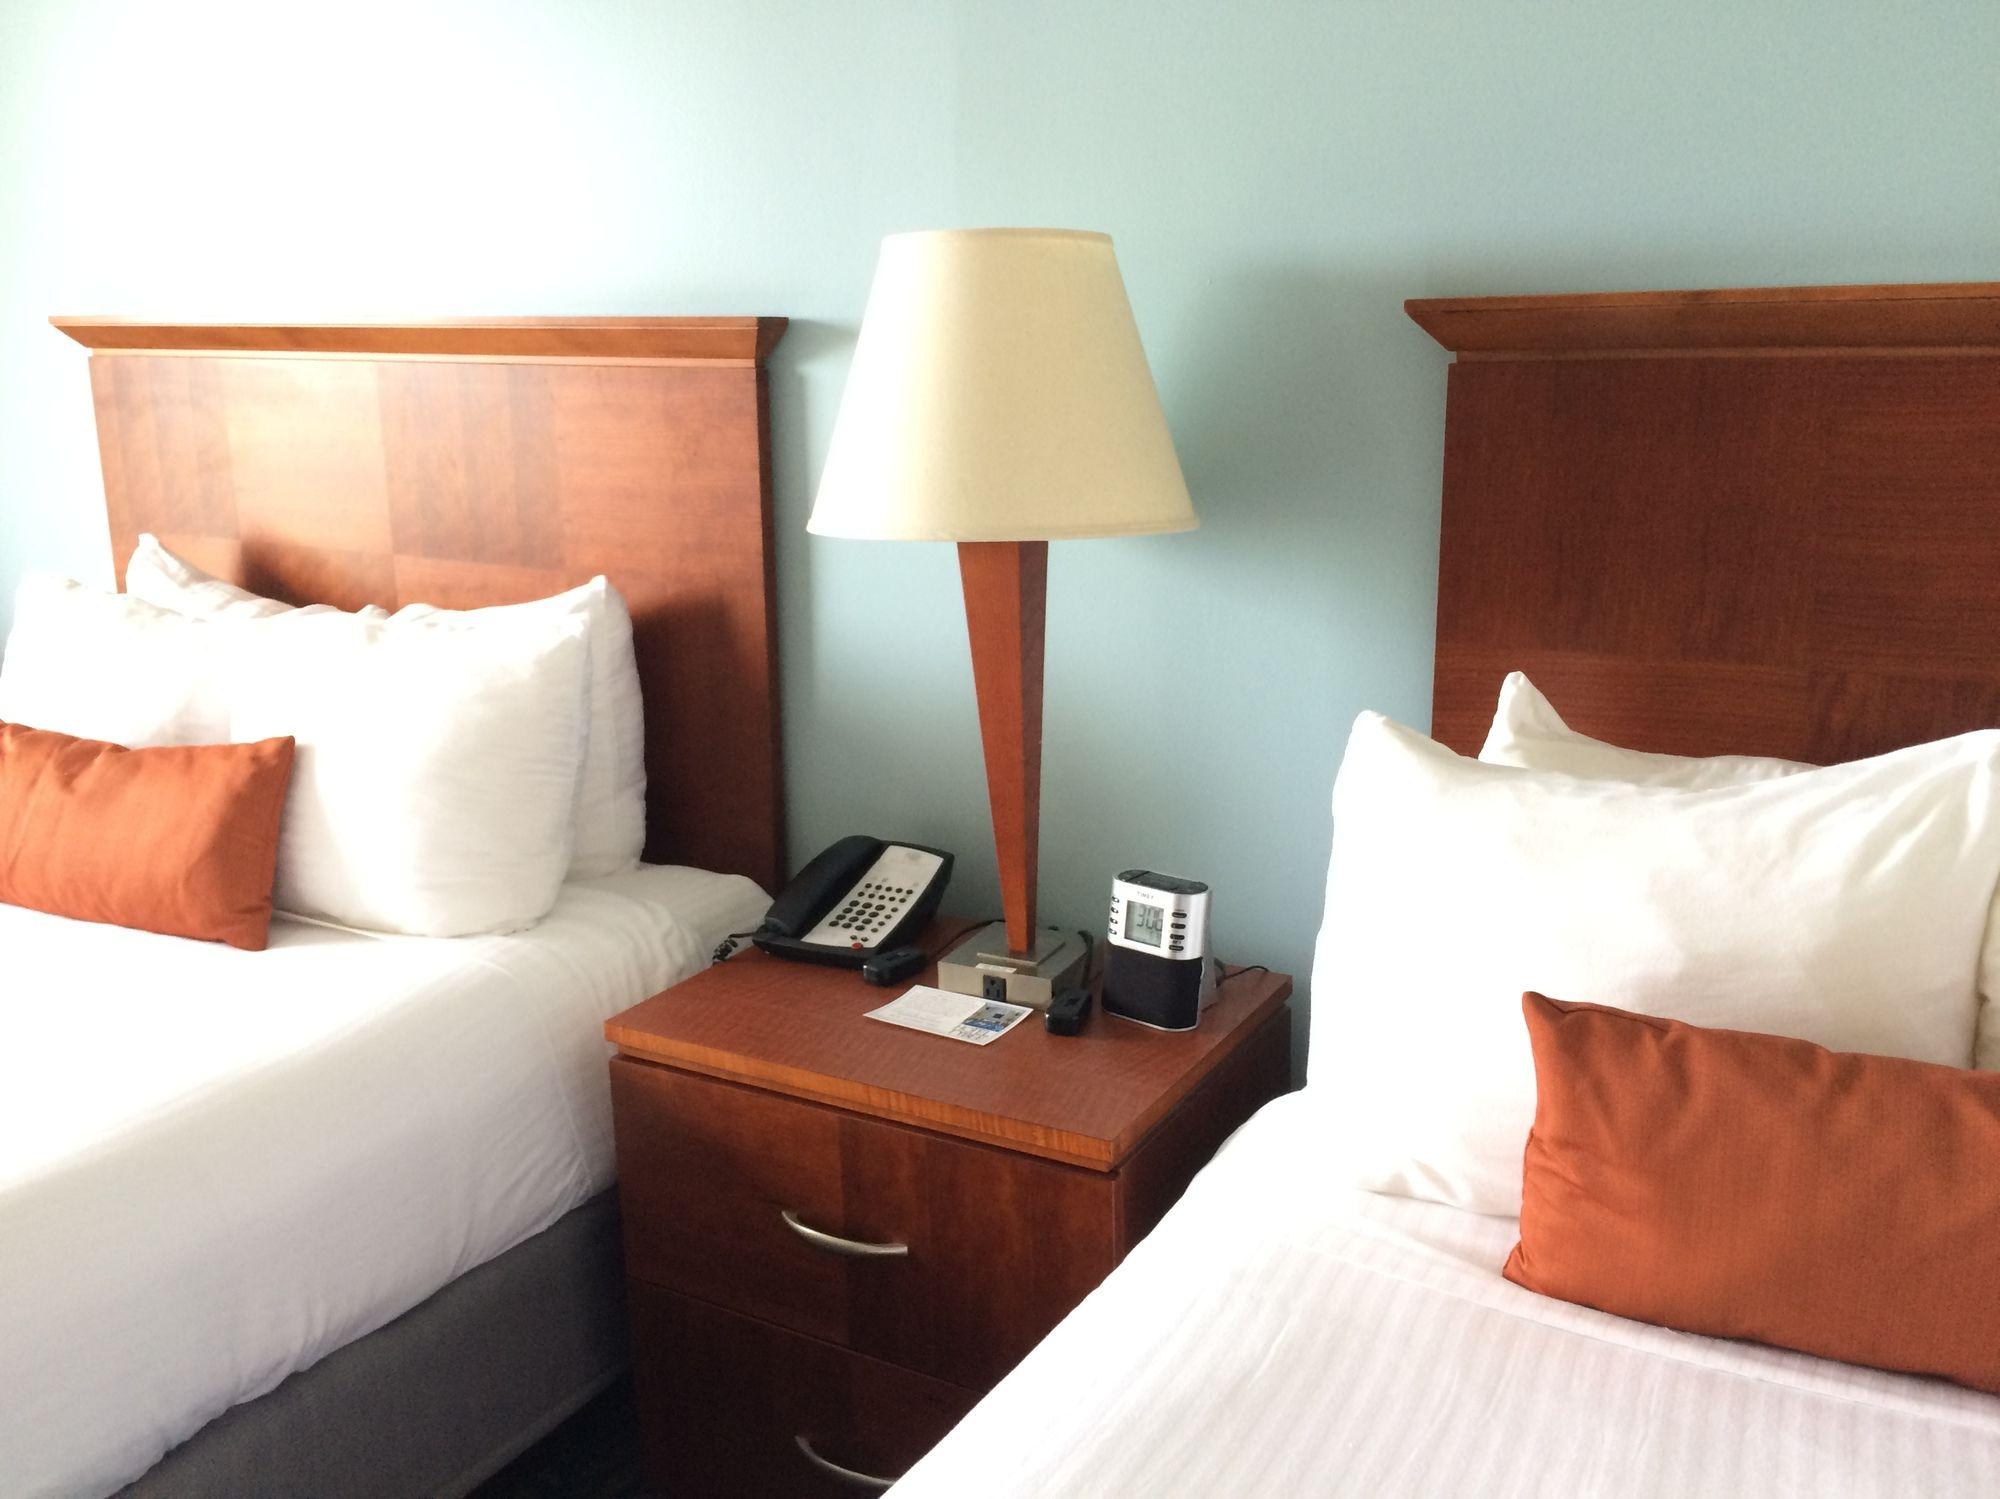 Hotel Tybee in Tybee Island, GA